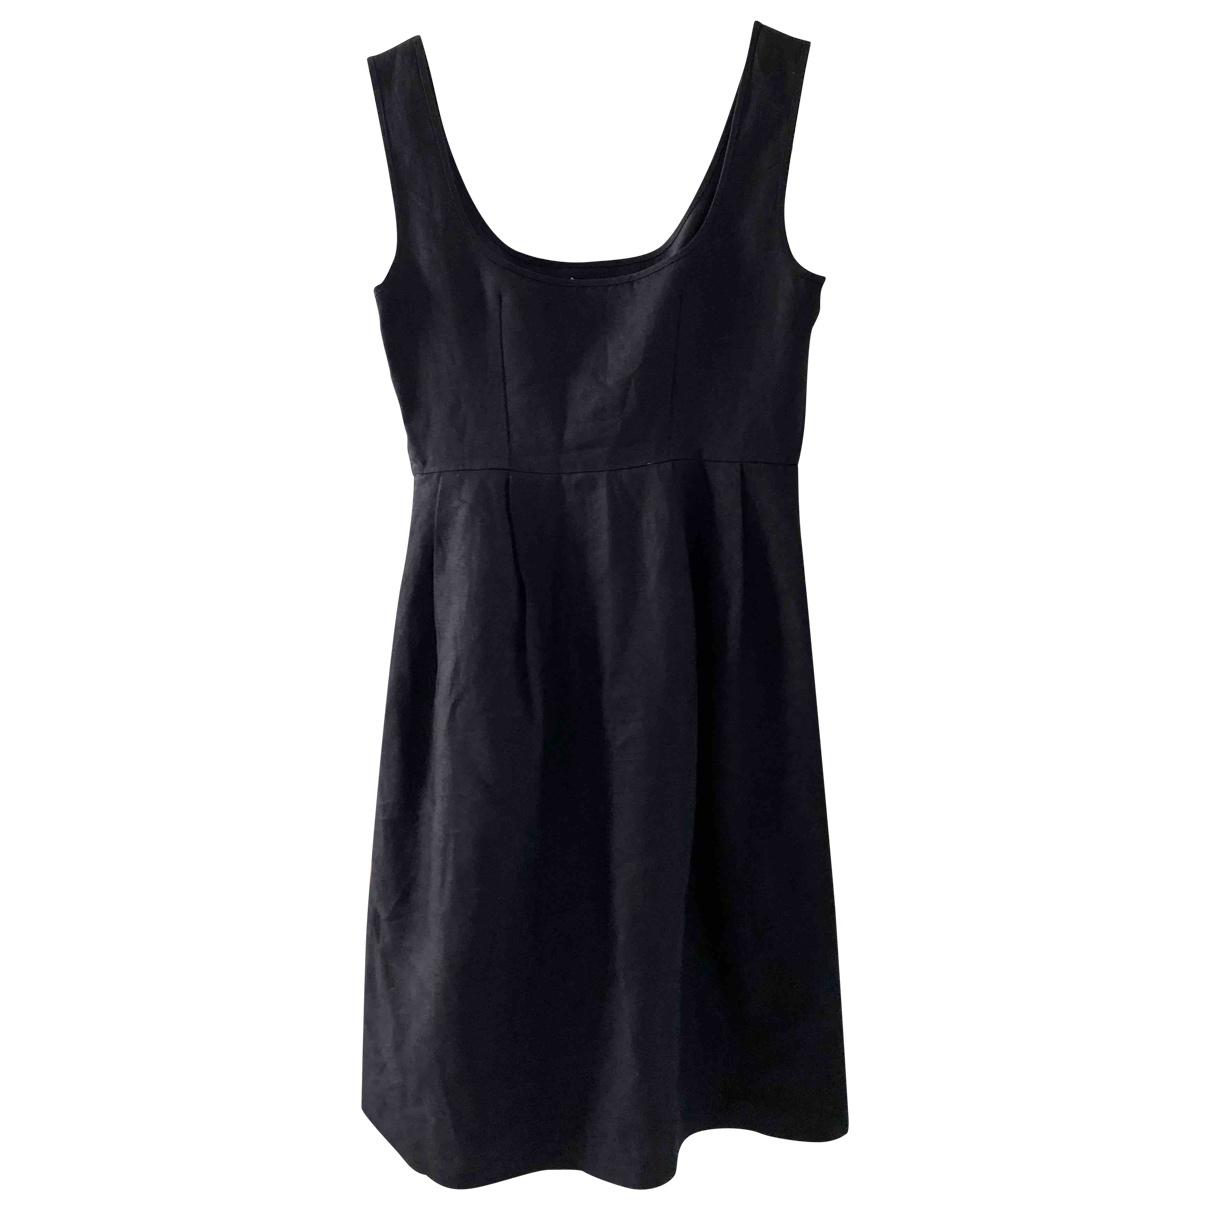 Sport Max \N Black Linen dress for Women 40 IT